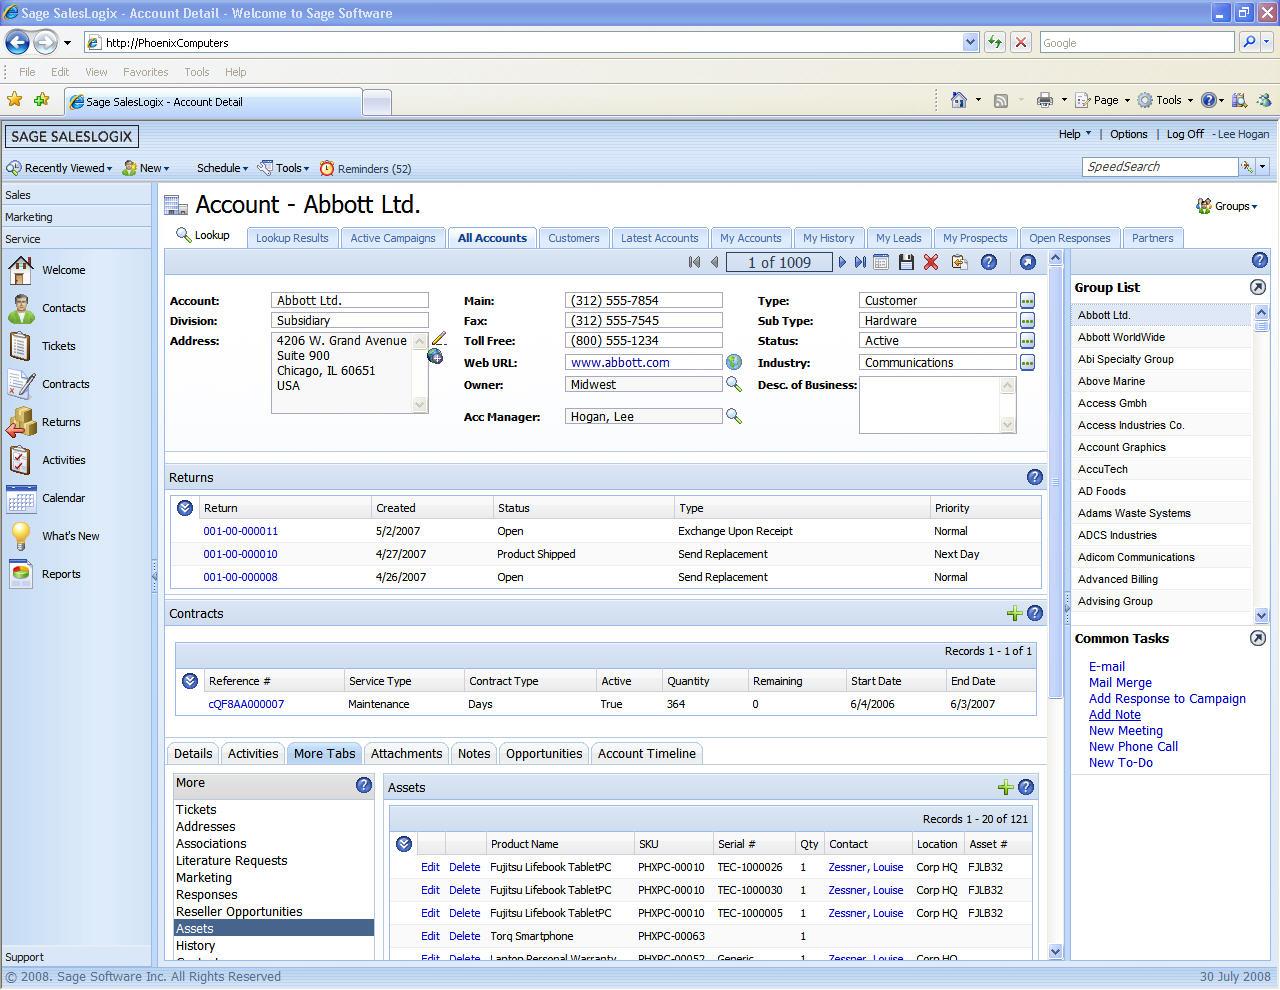 Infor CRM Sage CRM Solution Web Based & LAN Customer ...